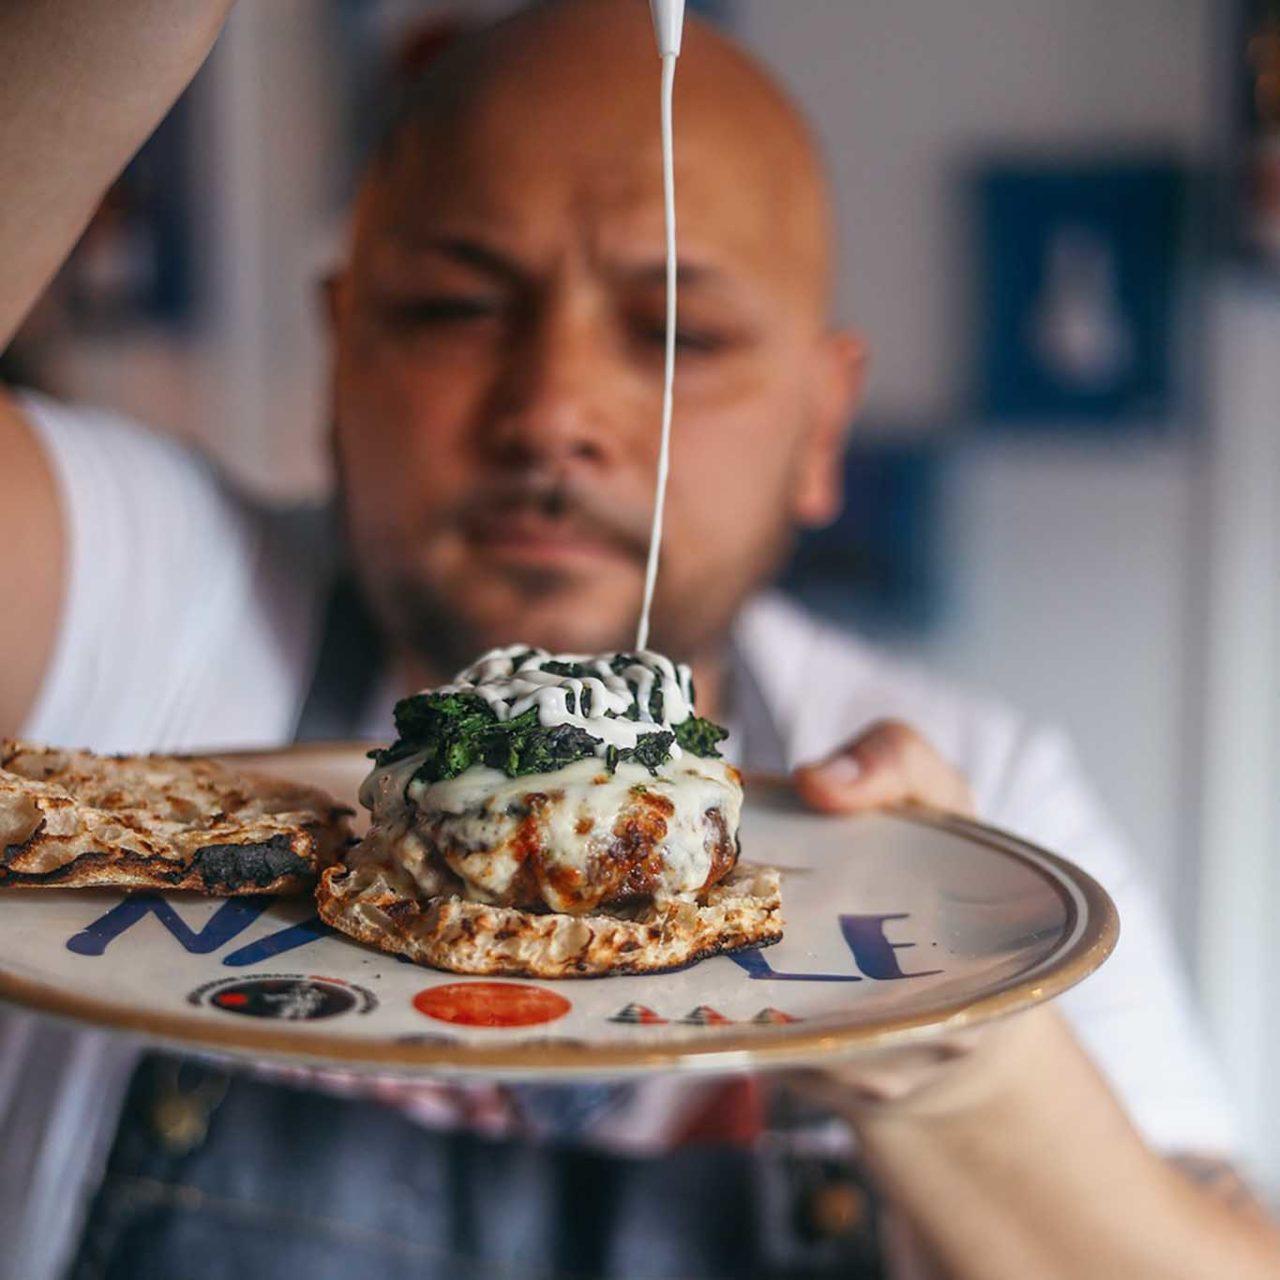 ristoranti napoletani negli Stati Uniti Ciro Iovine